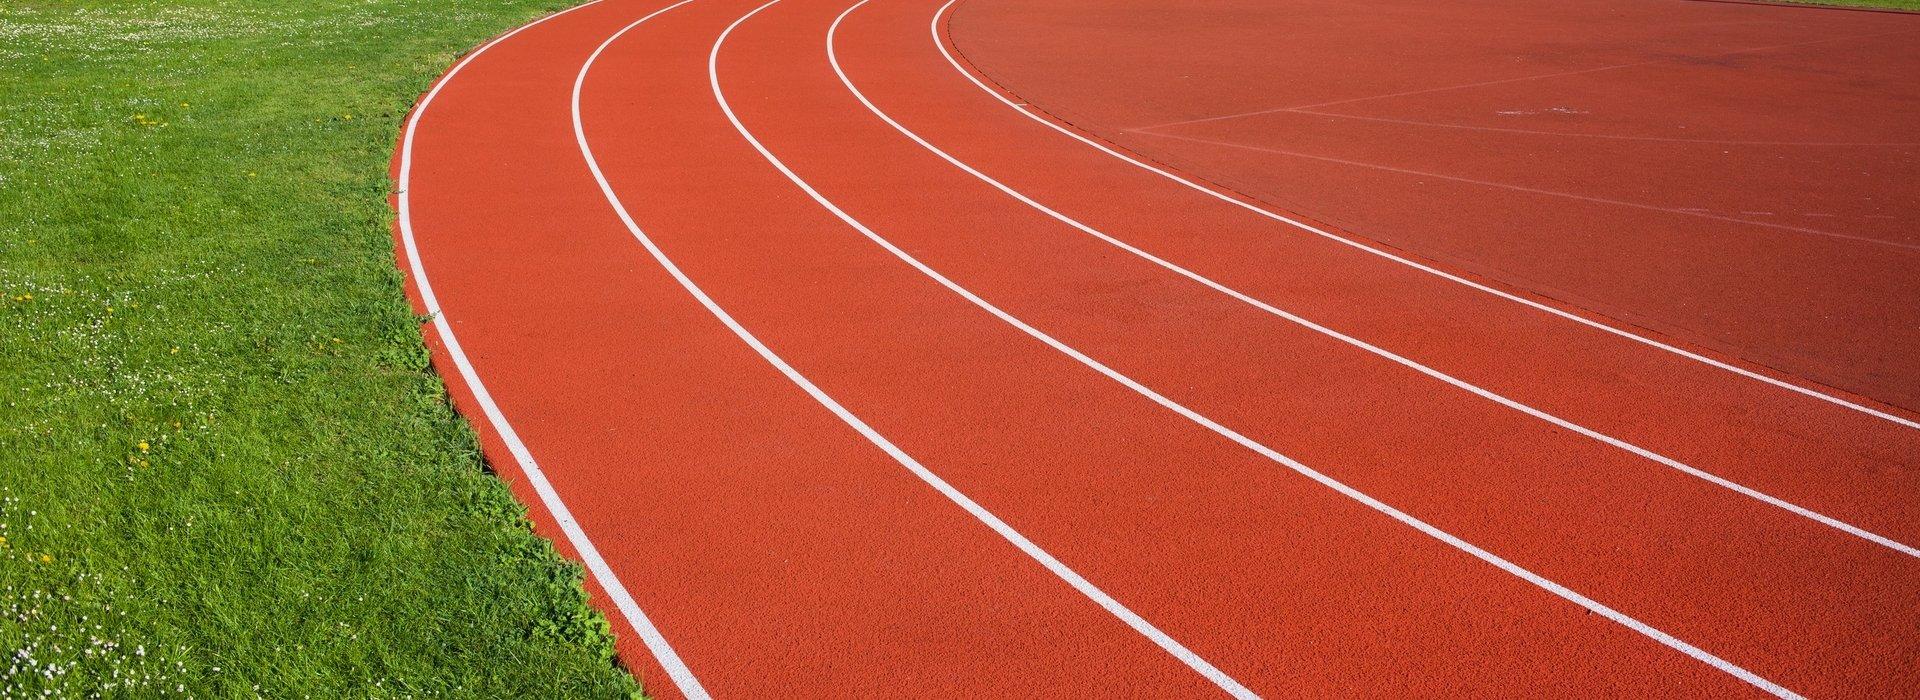 Other sport activities